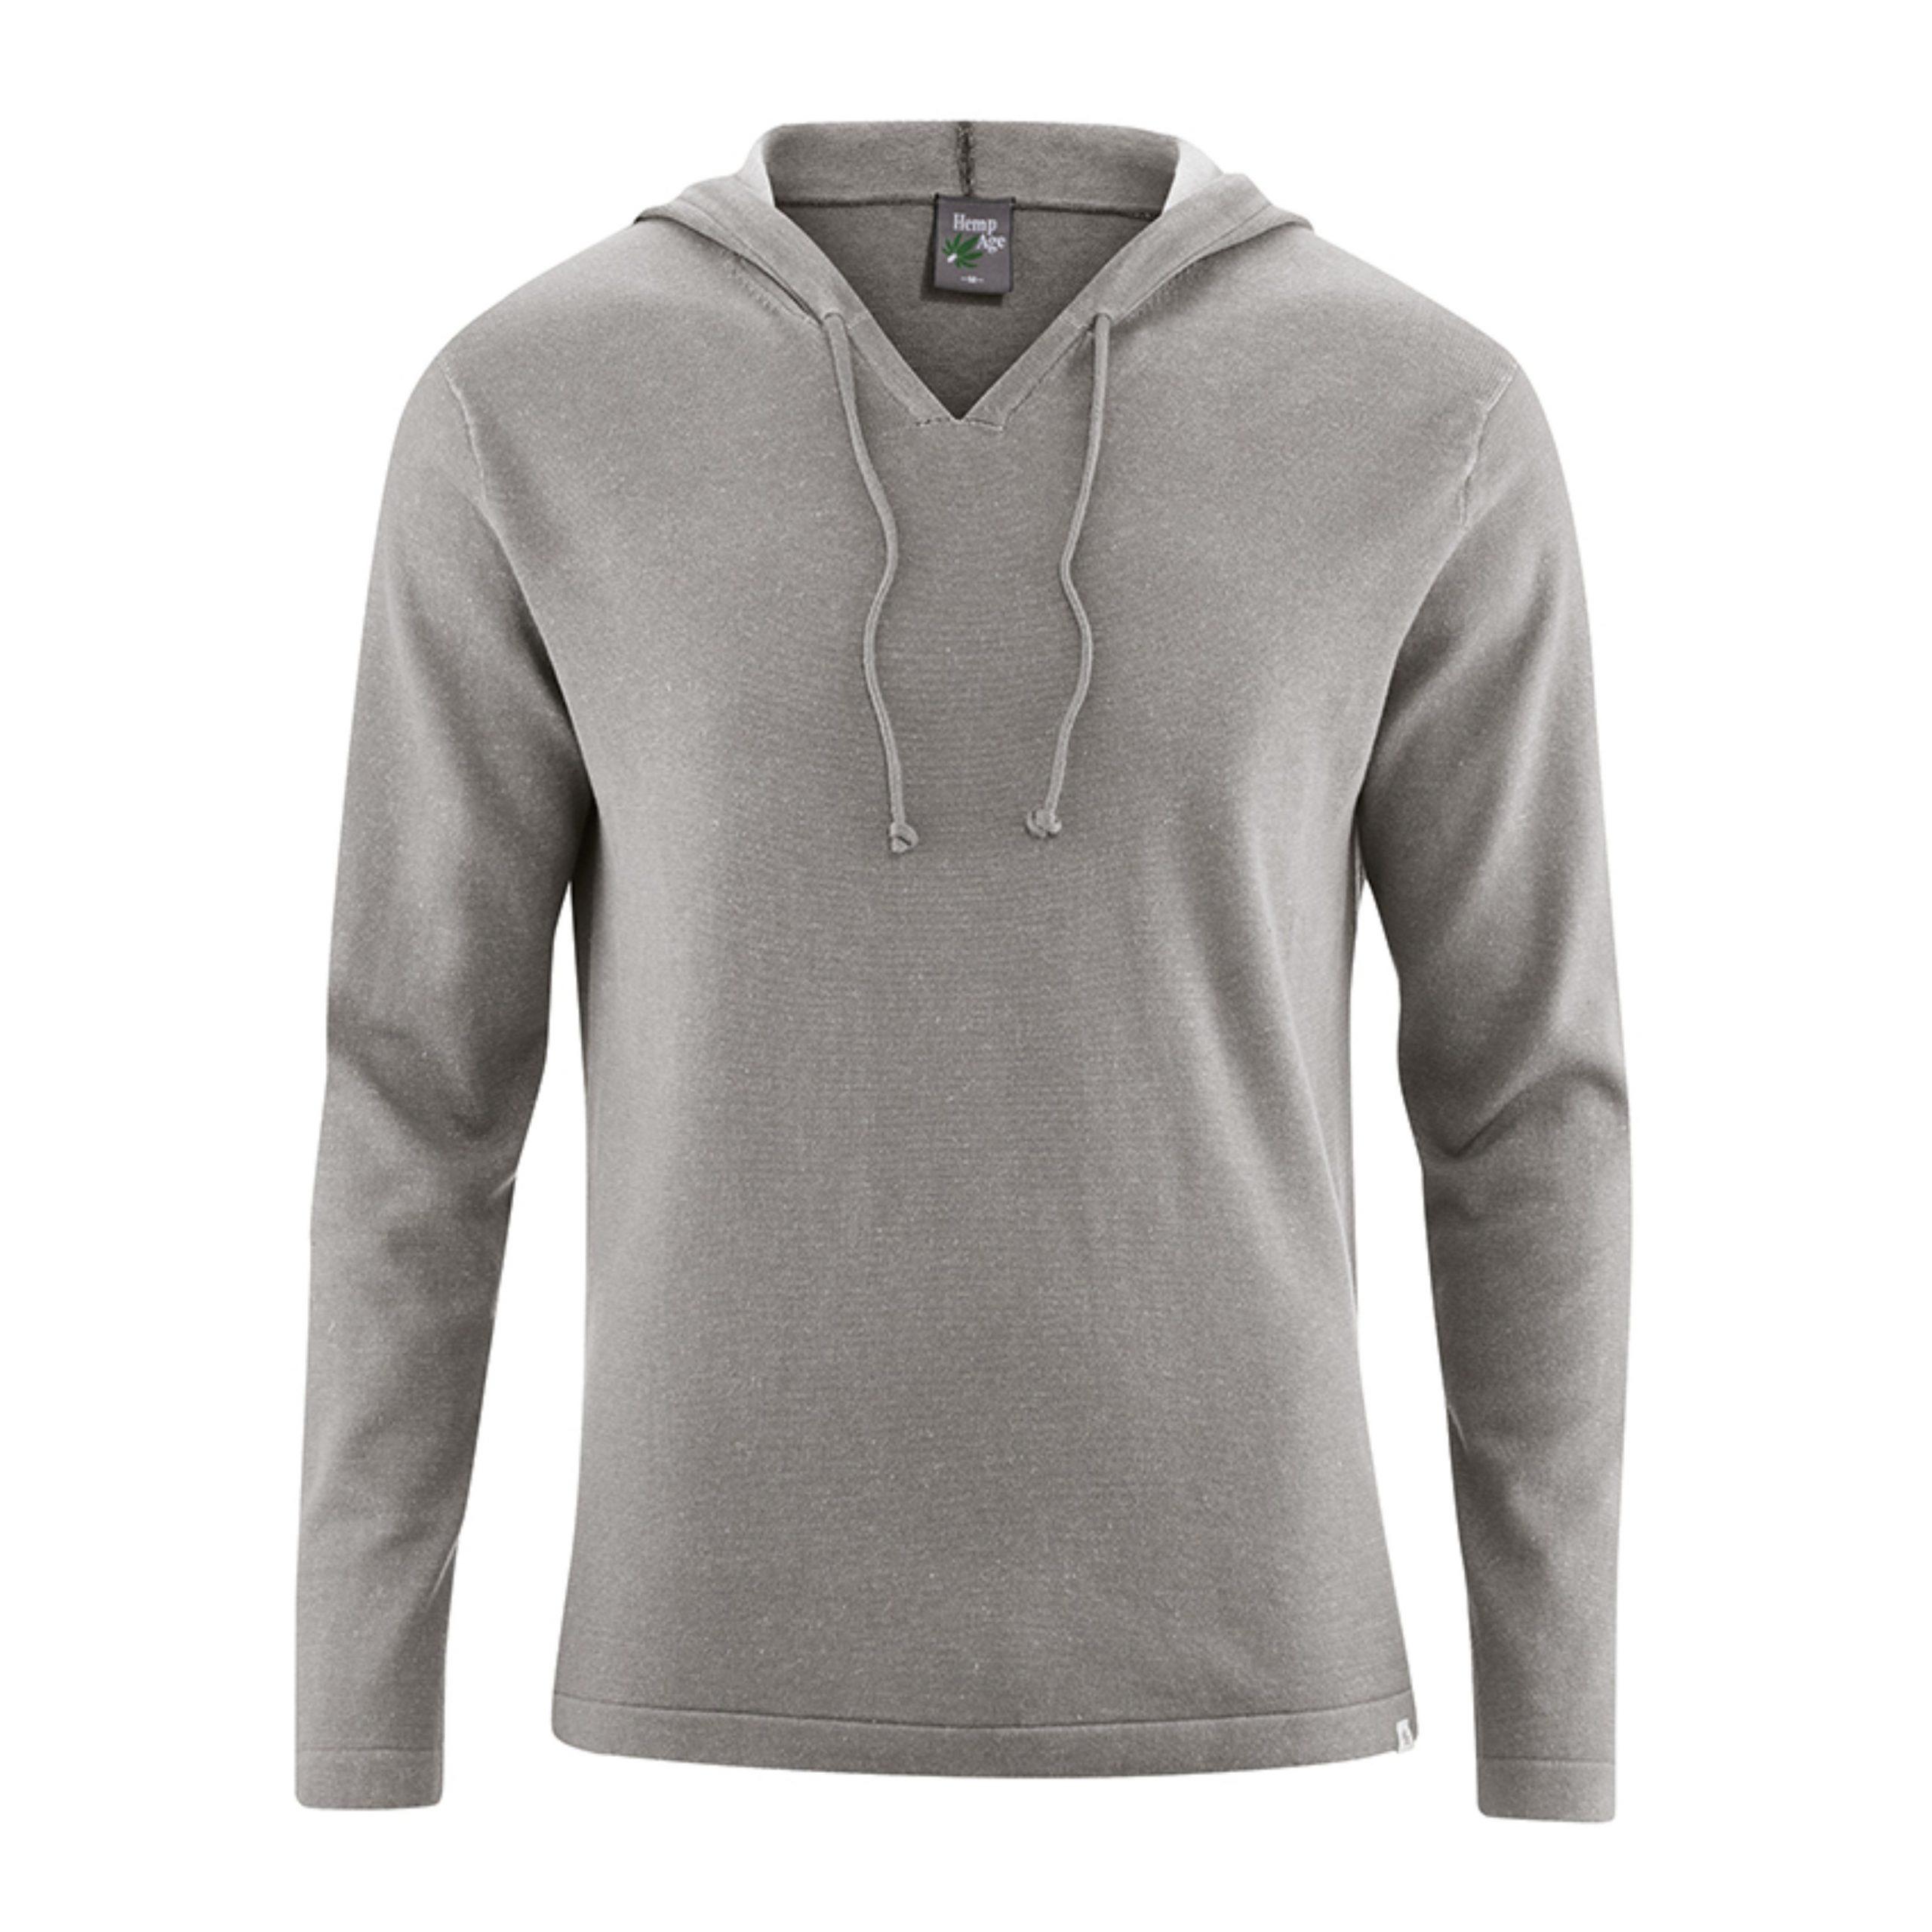 A camisola Jim, da Hempage, tem um capuz de malha fina em cânhamo e algodão orgânico.O visual natural e rústico é característico das fibras do cânhamo.